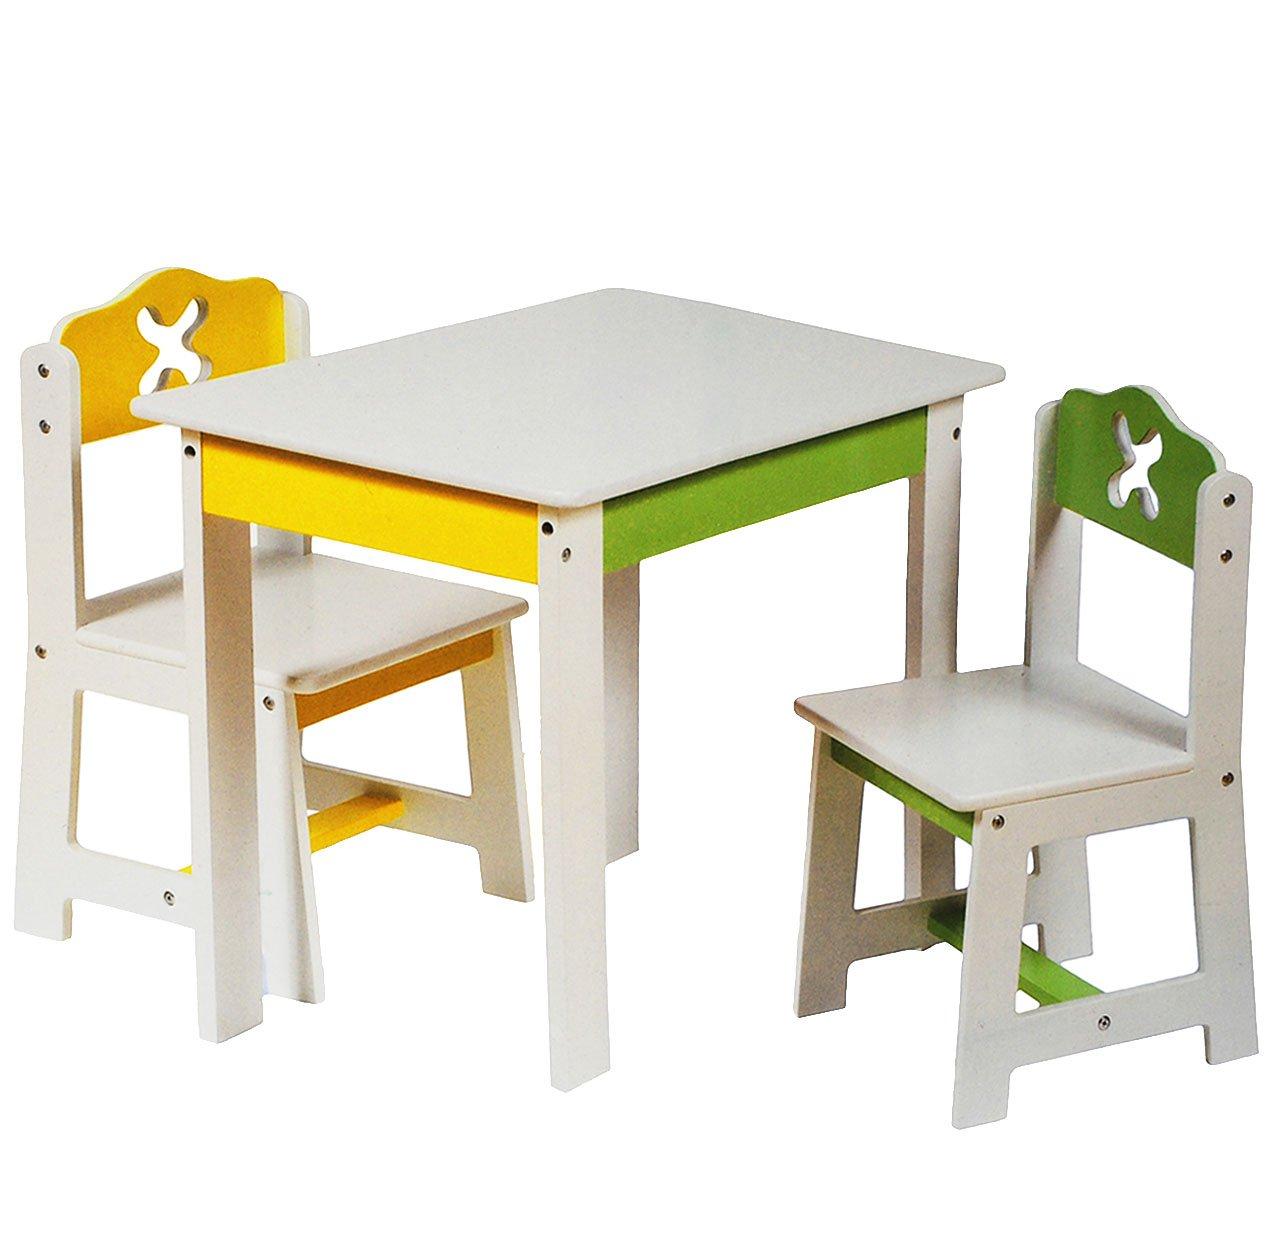 3 tlg. Set: Sitzgruppe für Kinder - aus sehr stabilen Holz - weiß ...